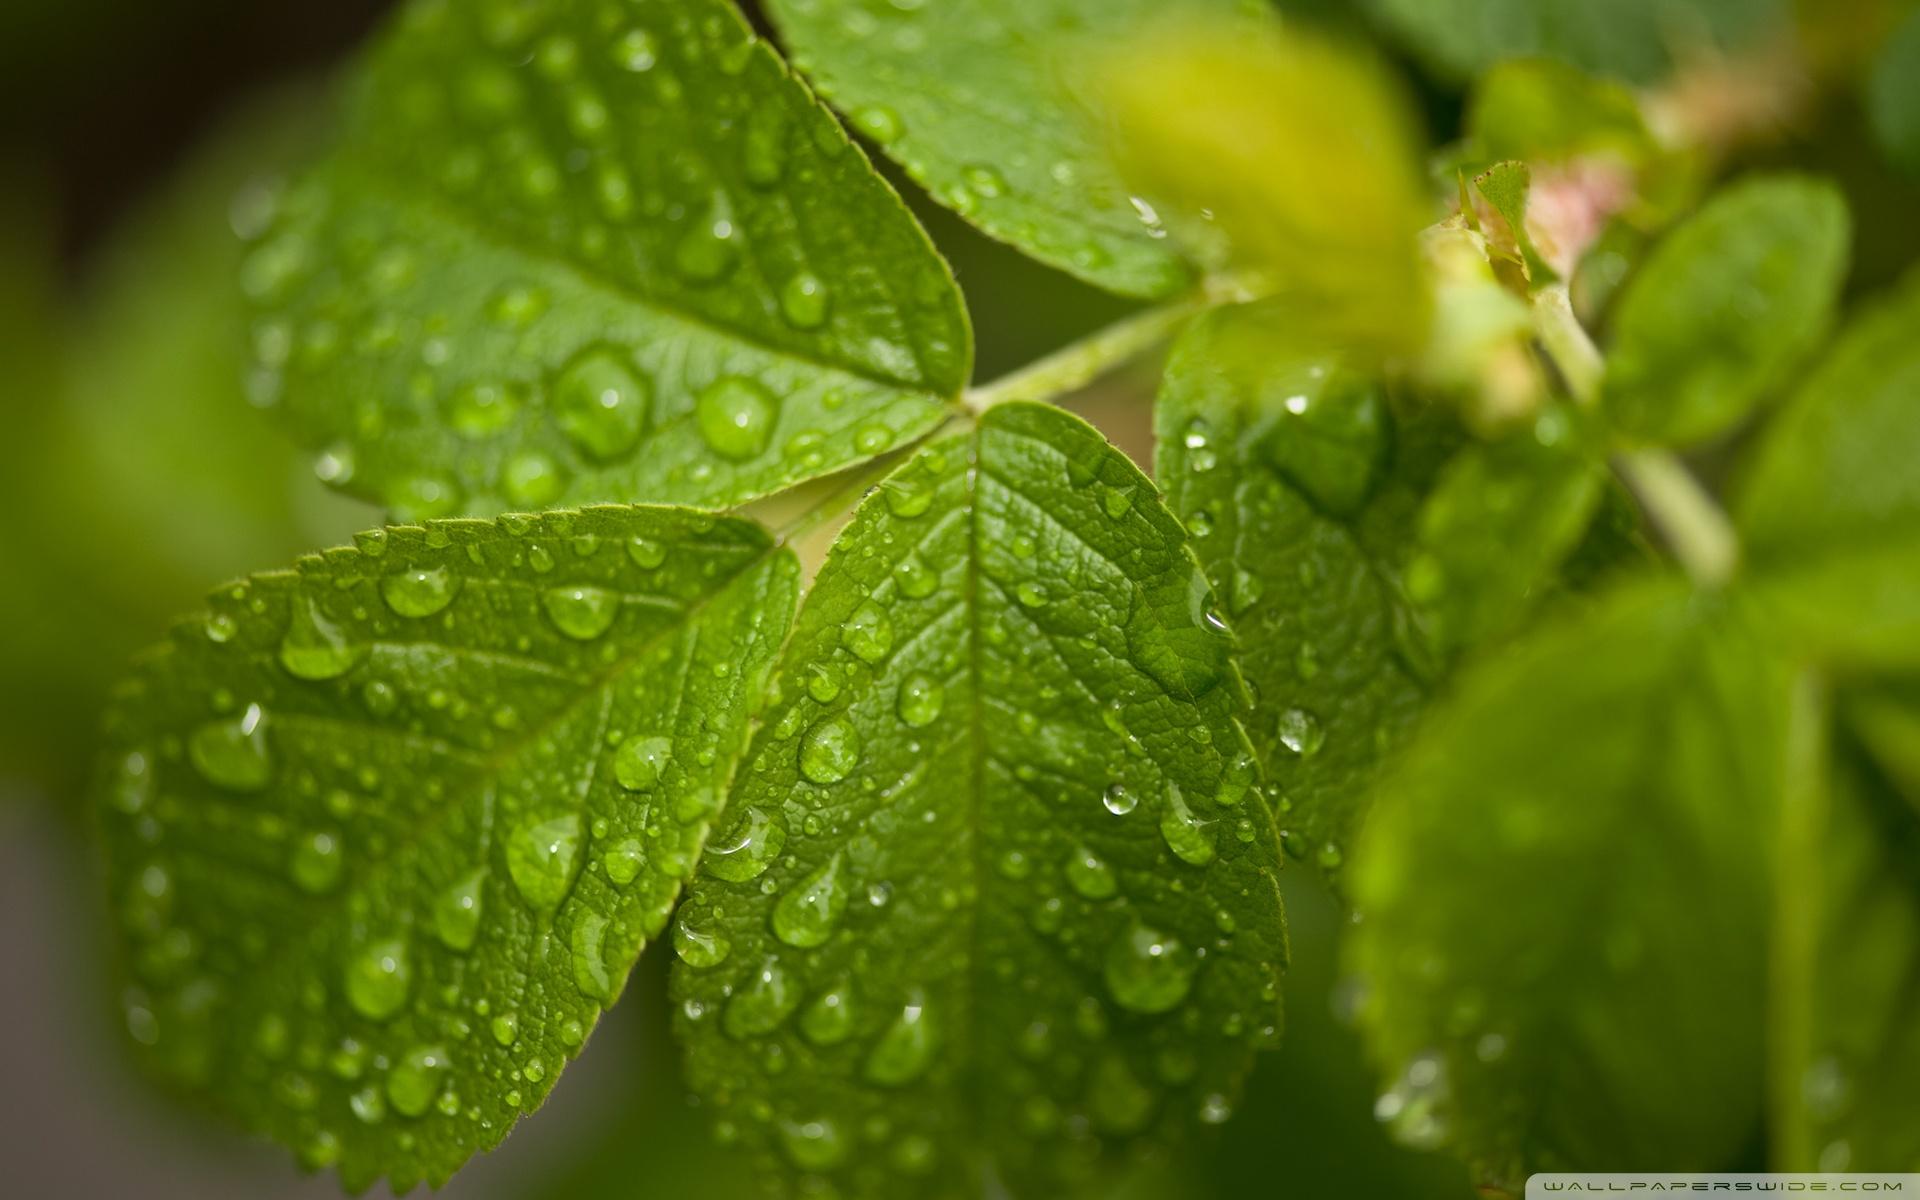 Water Drops On Leaves ❤ 4K HD Desktop Wallpaper for 4K Ultra HD TV ...